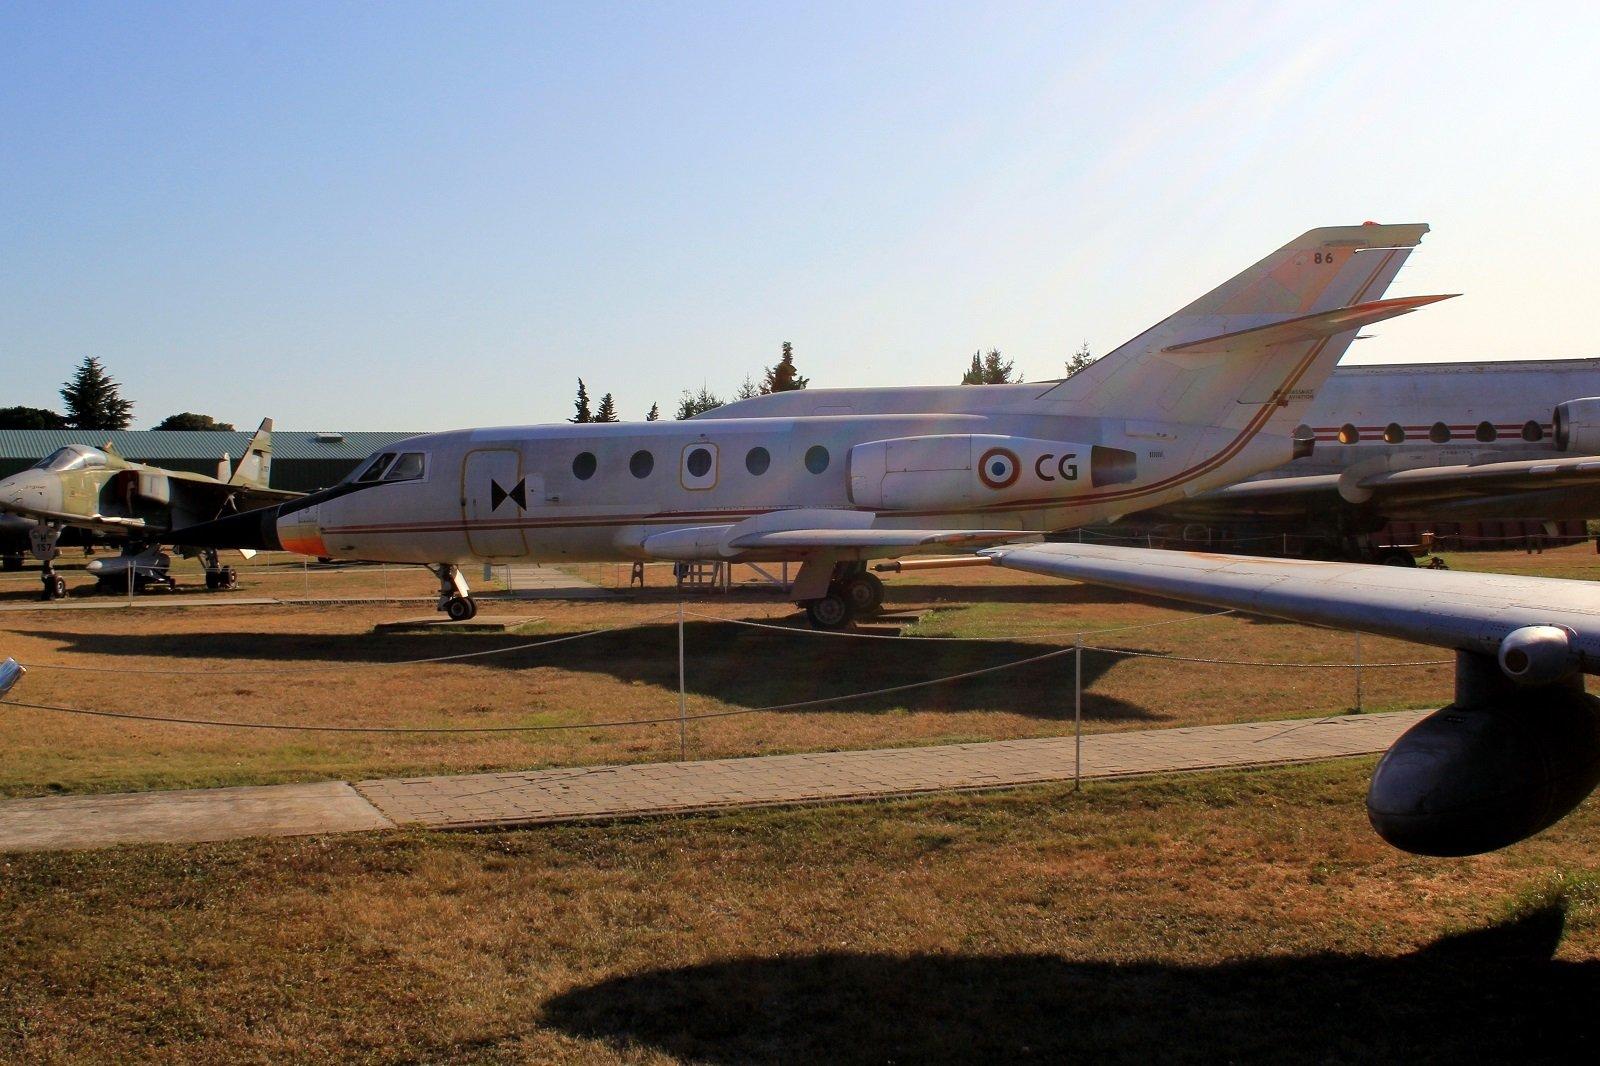 musée de l'aviation de chasse de Montelimar  - Page 2 190901075354891787